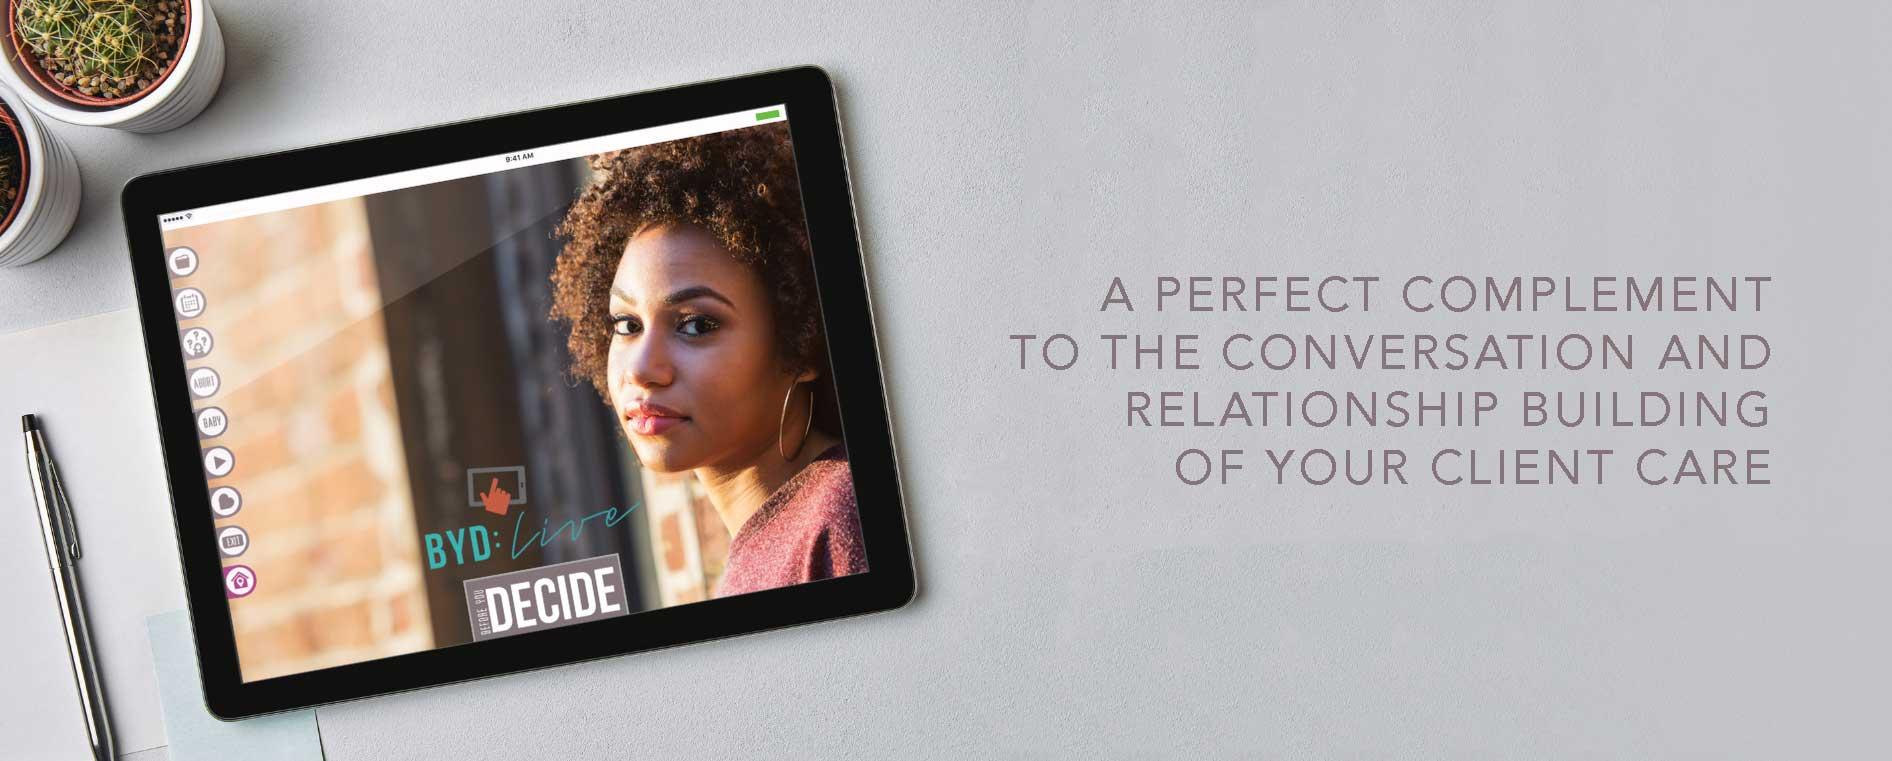 BYD: Live Tablet App